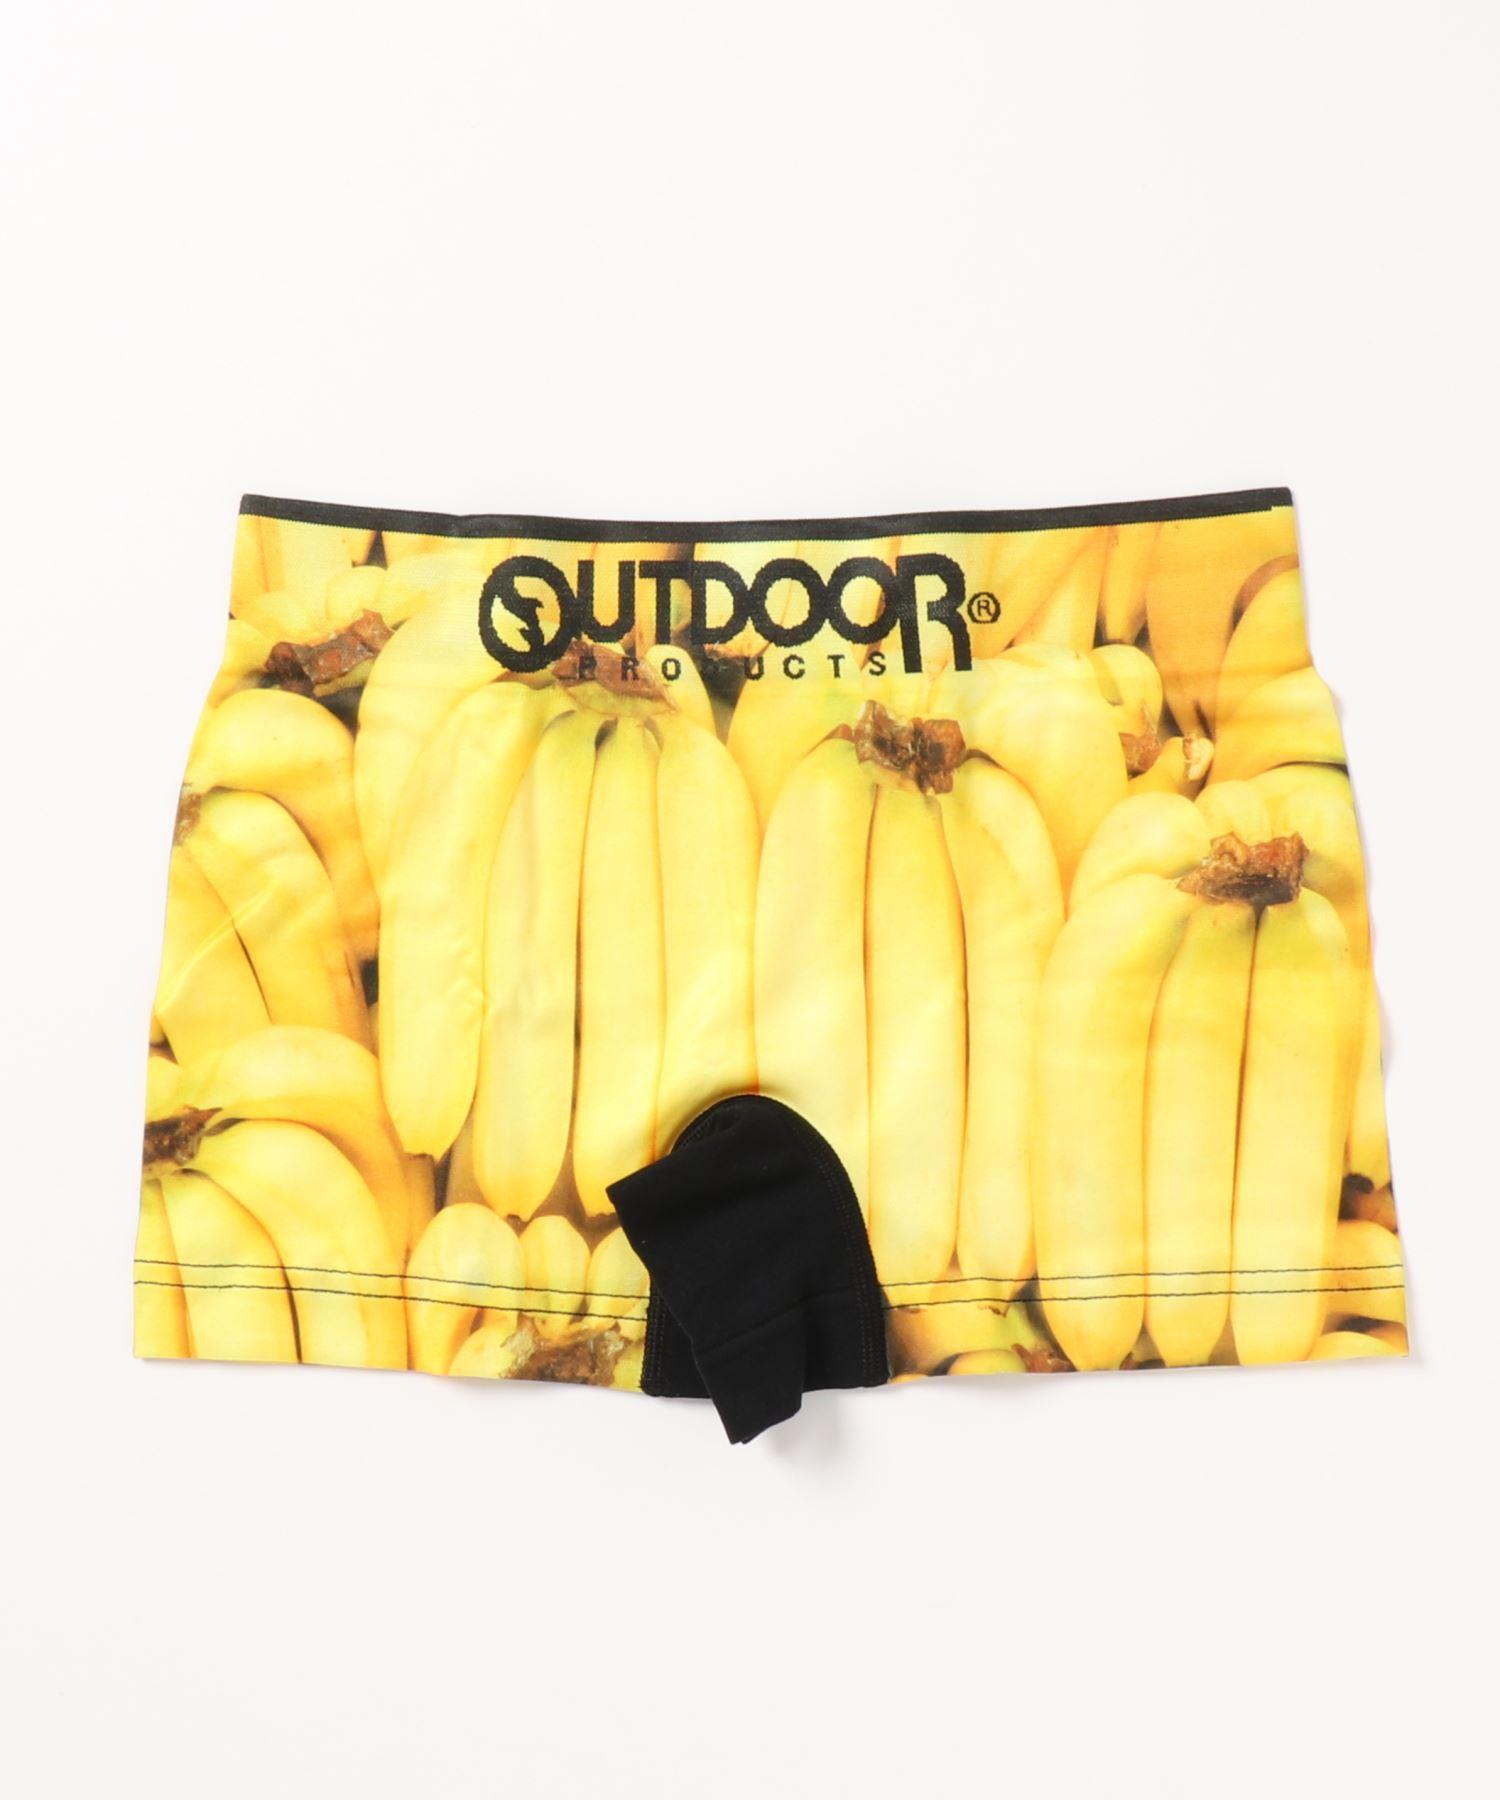 フルーツ柄成型ボクサーブリーフ いちご バナナ ボクサーパンツ